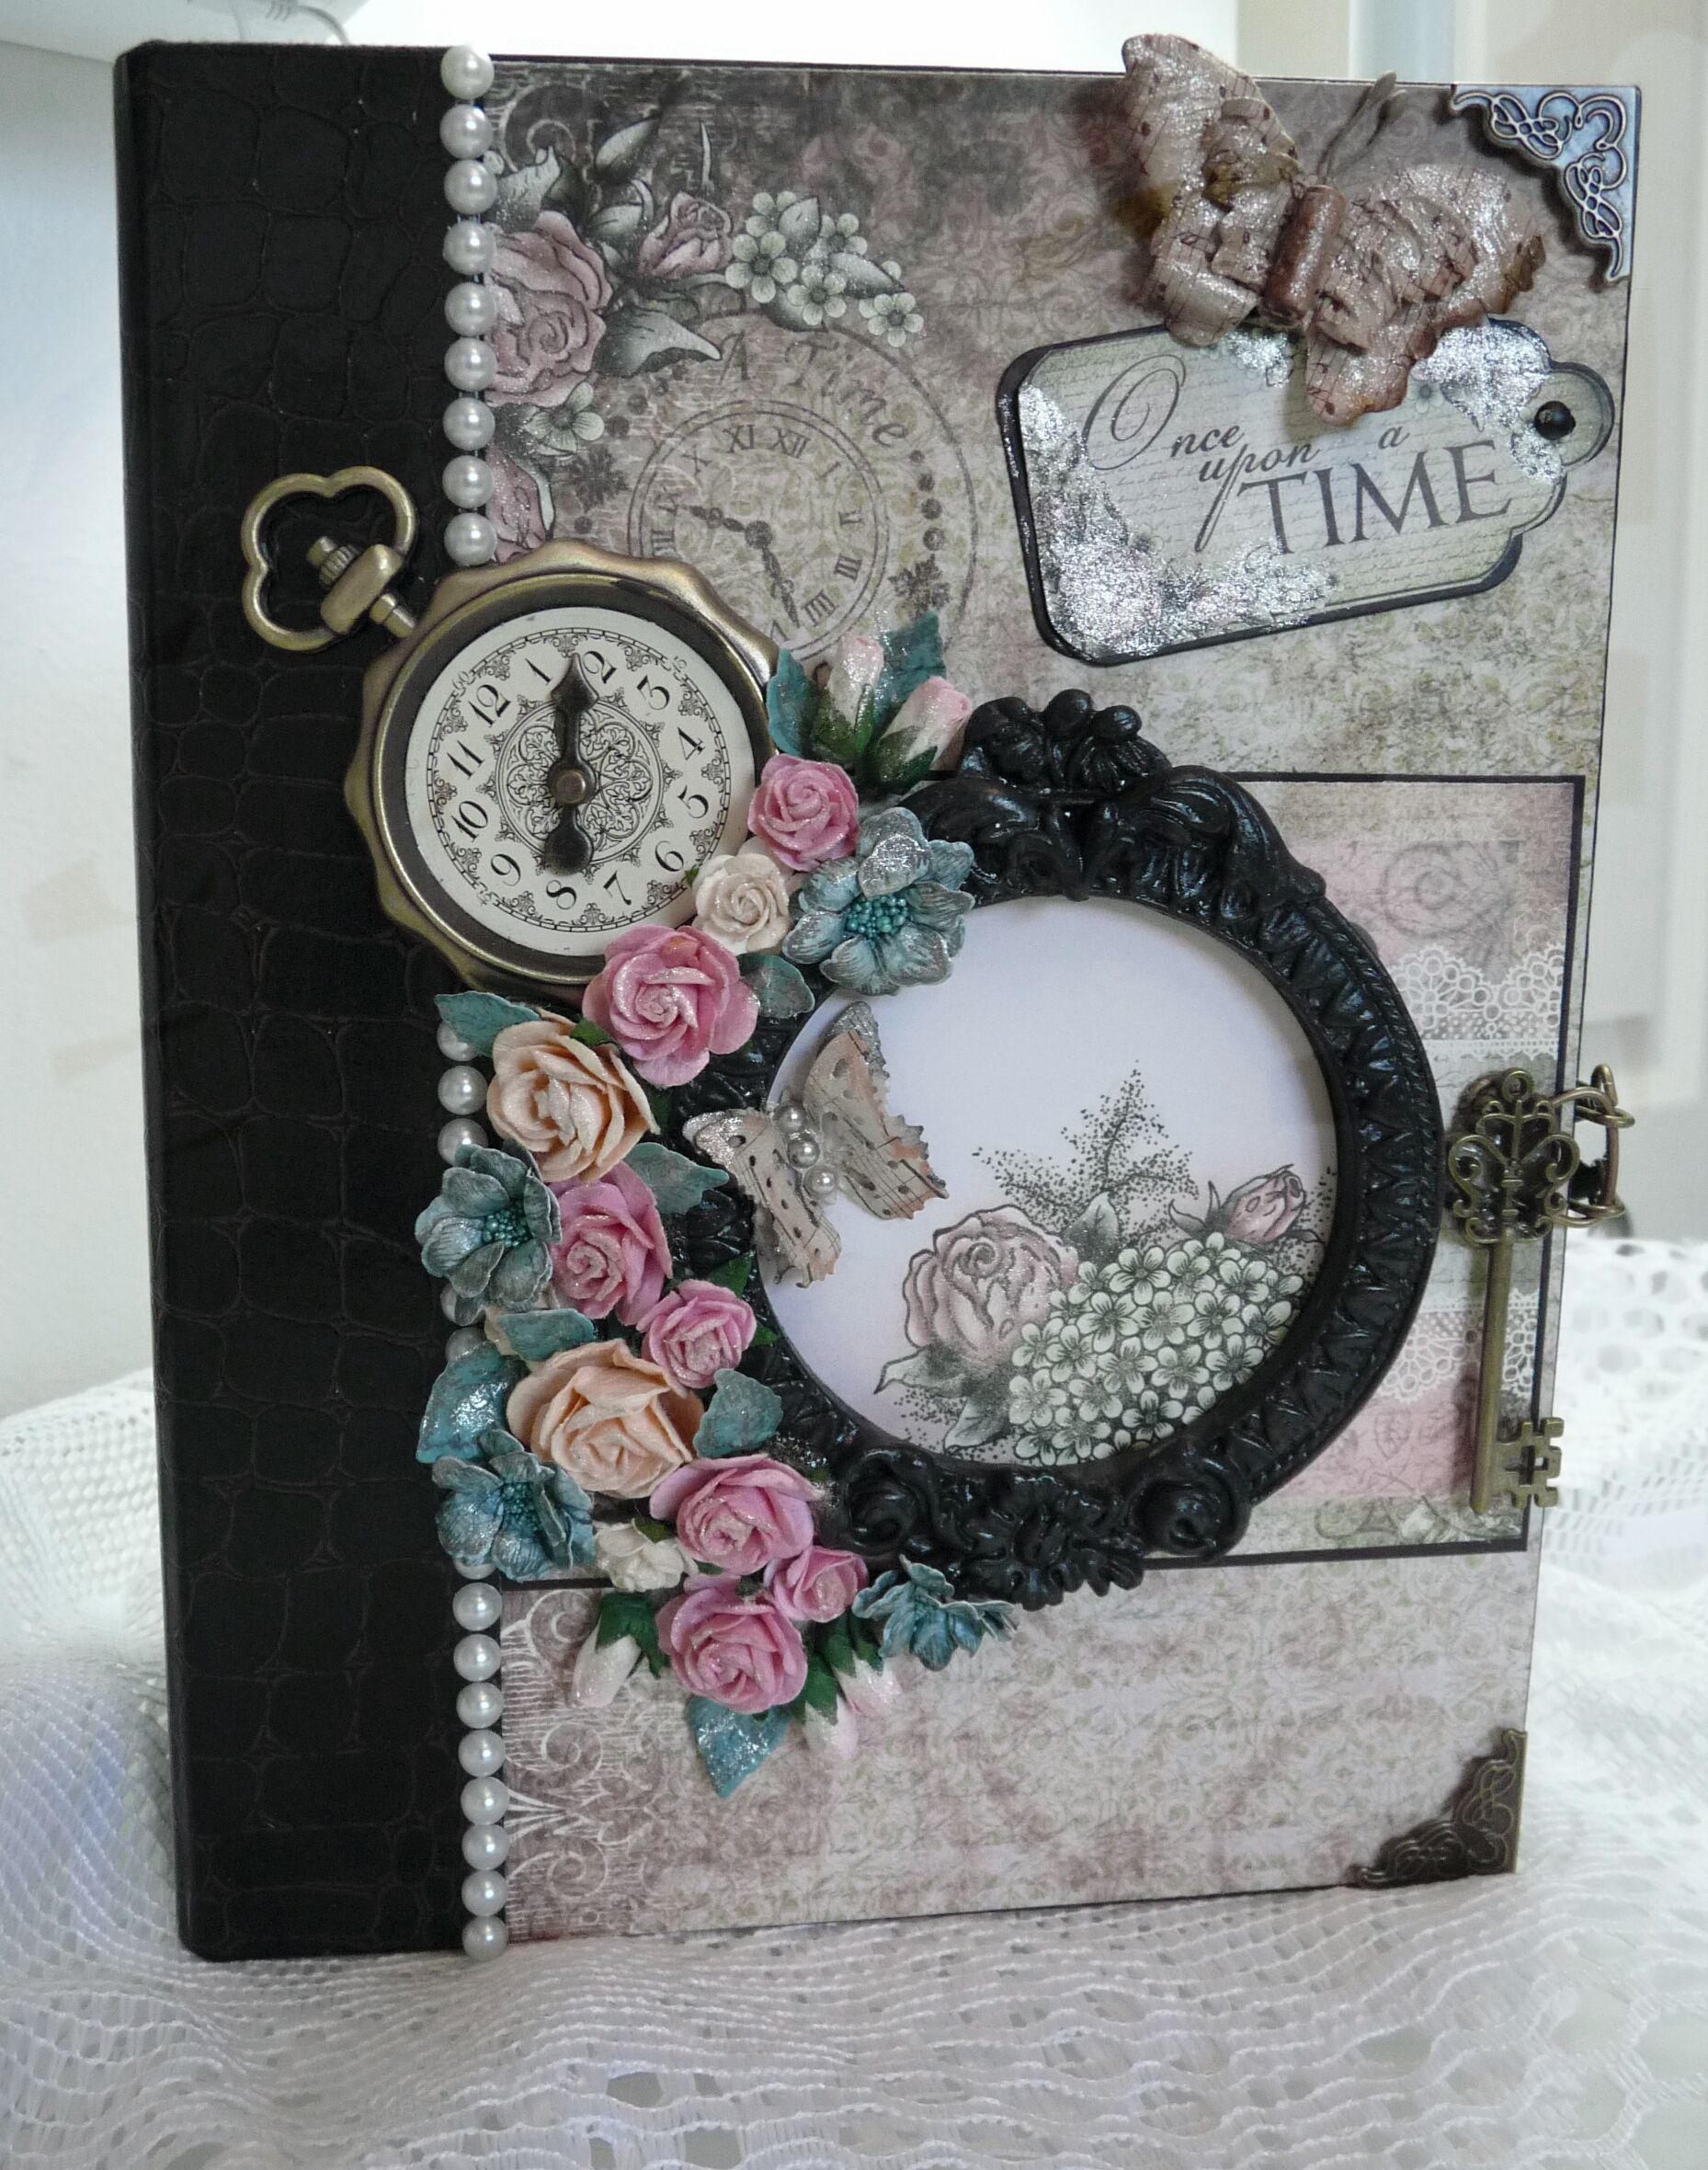 Scrapbook ideas mini books - Heartfelt Creations Once Upon A Time Mini Album Scrapbook